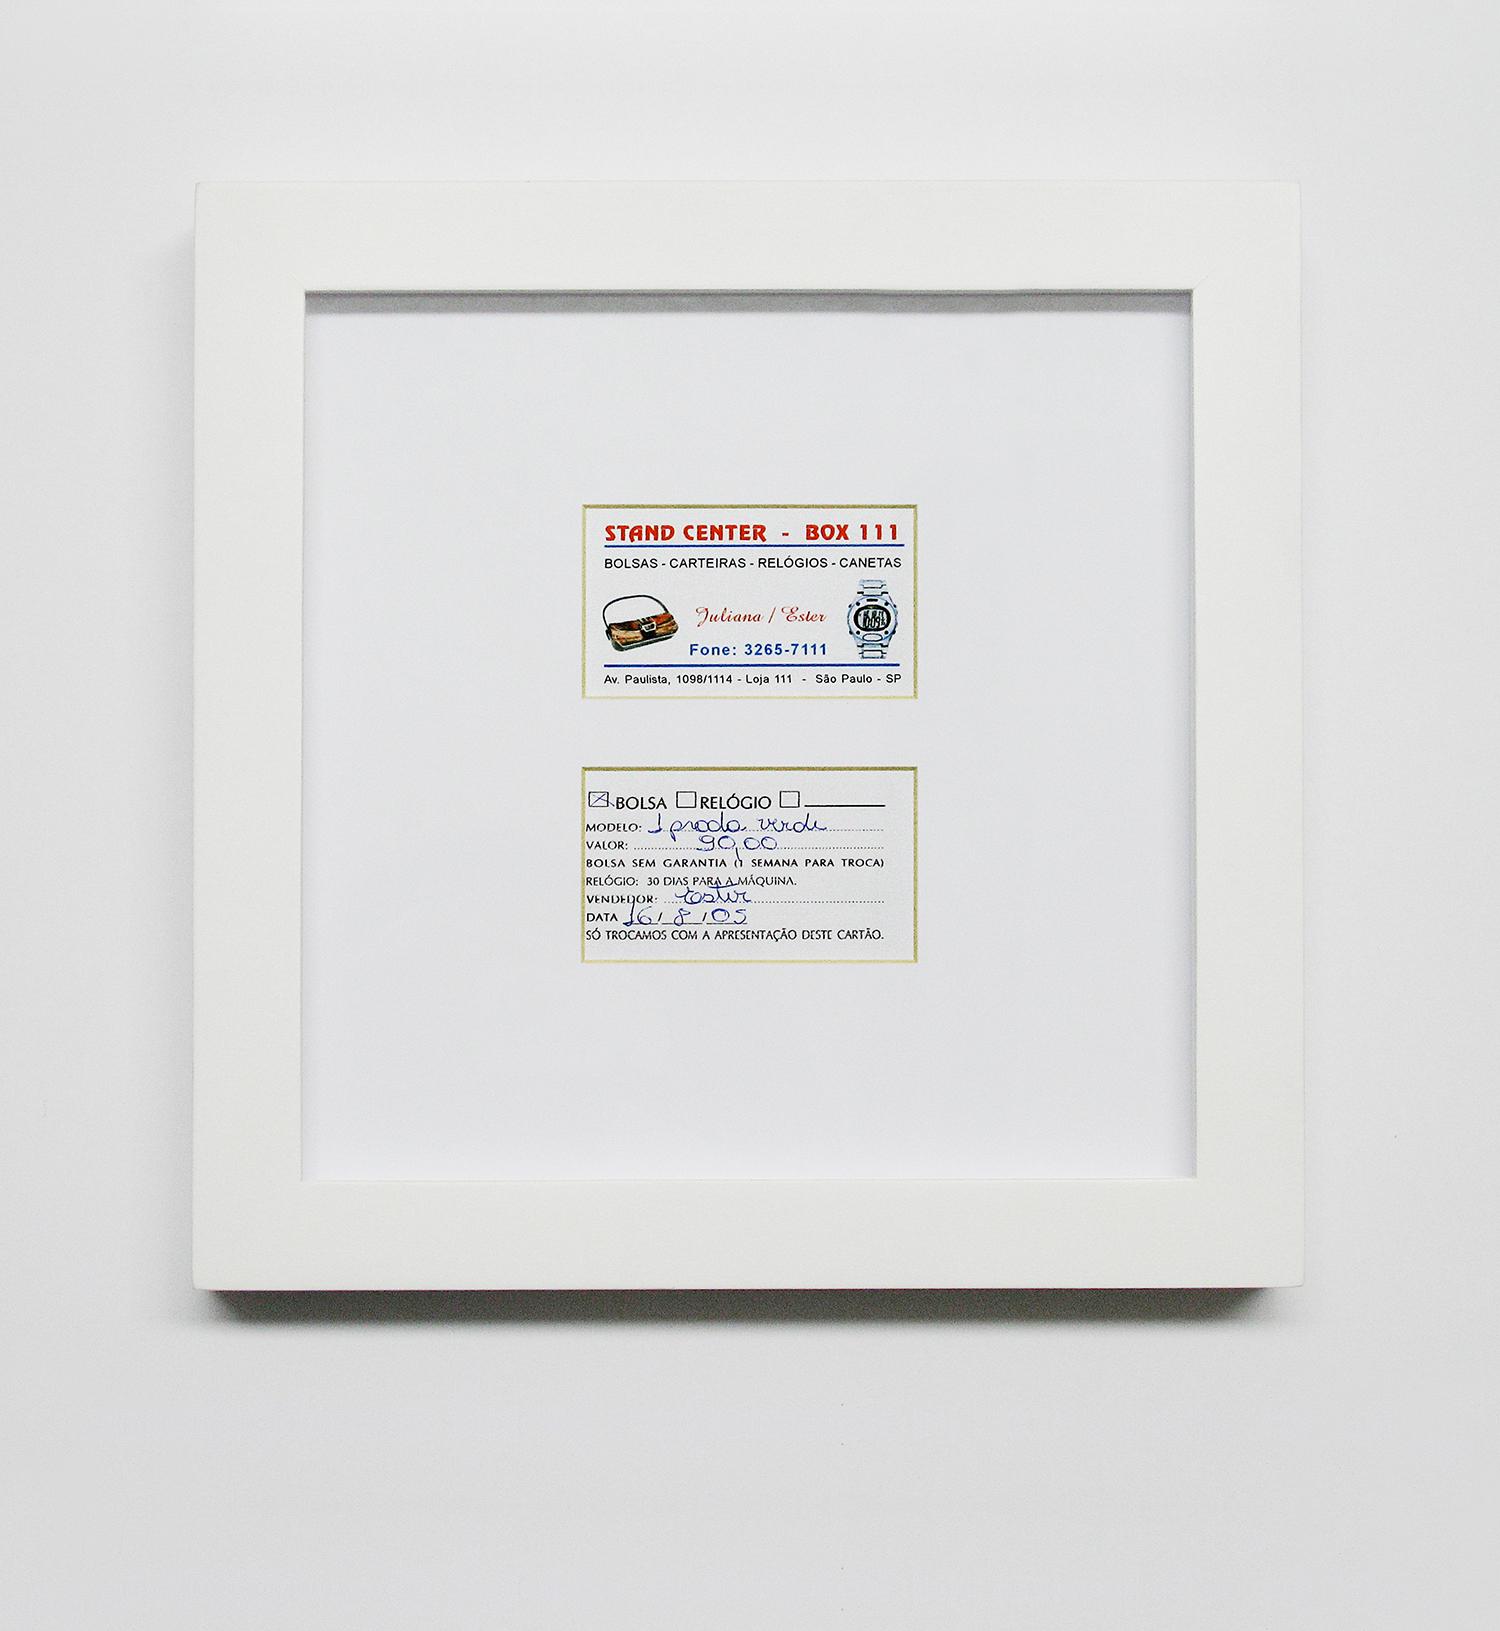 Prada: R$ 90,00 (série O Que Te Seduz) (detalhe) •  2003/2004 •  Fotografia, impressão digital, recibo de compra •  120 x 86 cm, 30 x 30 cm (díptico)